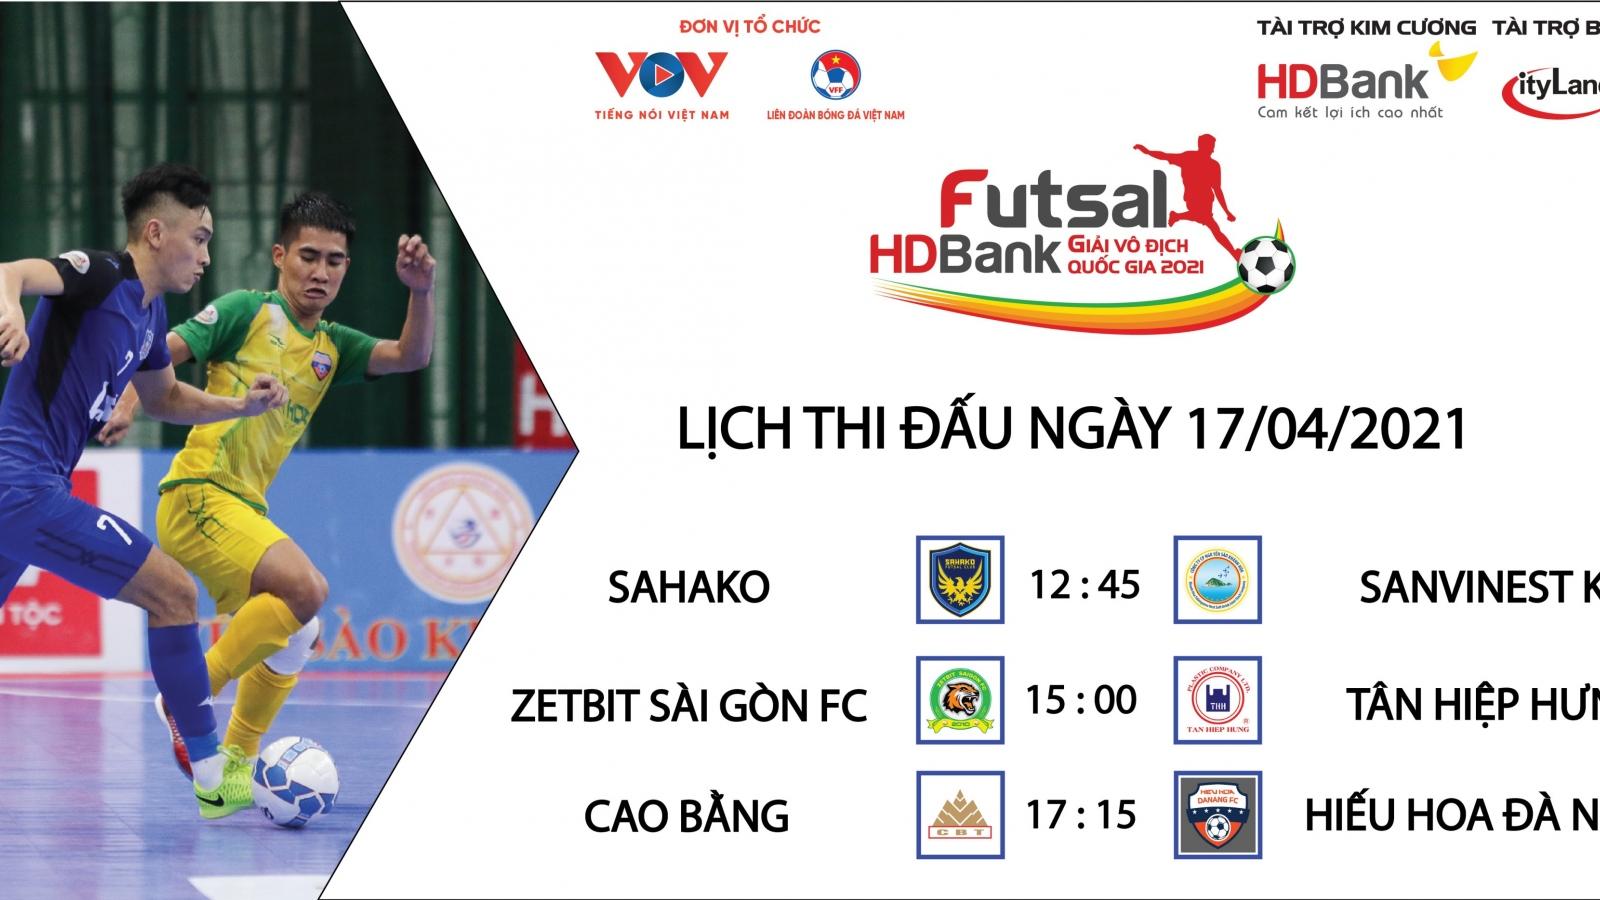 Lịch thi đấu Giải Futsal HDBank VĐQG 2021 hôm nay 17/4